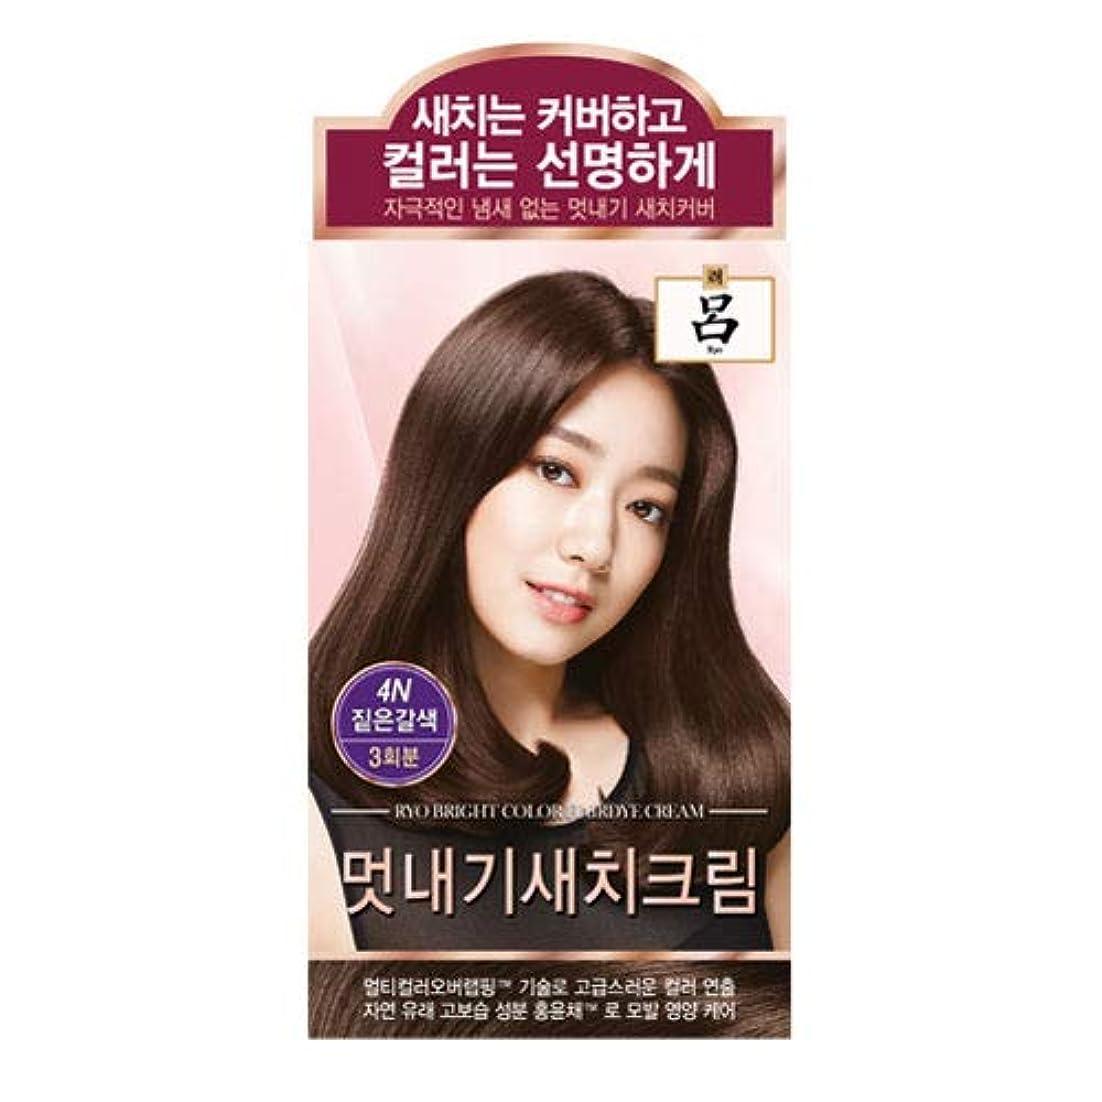 周囲山積みのヨーグルトアモーレパシフィック呂[AMOREPACIFIC/Ryo] ブライトカラーヘアアイクリーム 4N ディープブラウン/Bright Color Hairdye Cream 4N Deep Brown